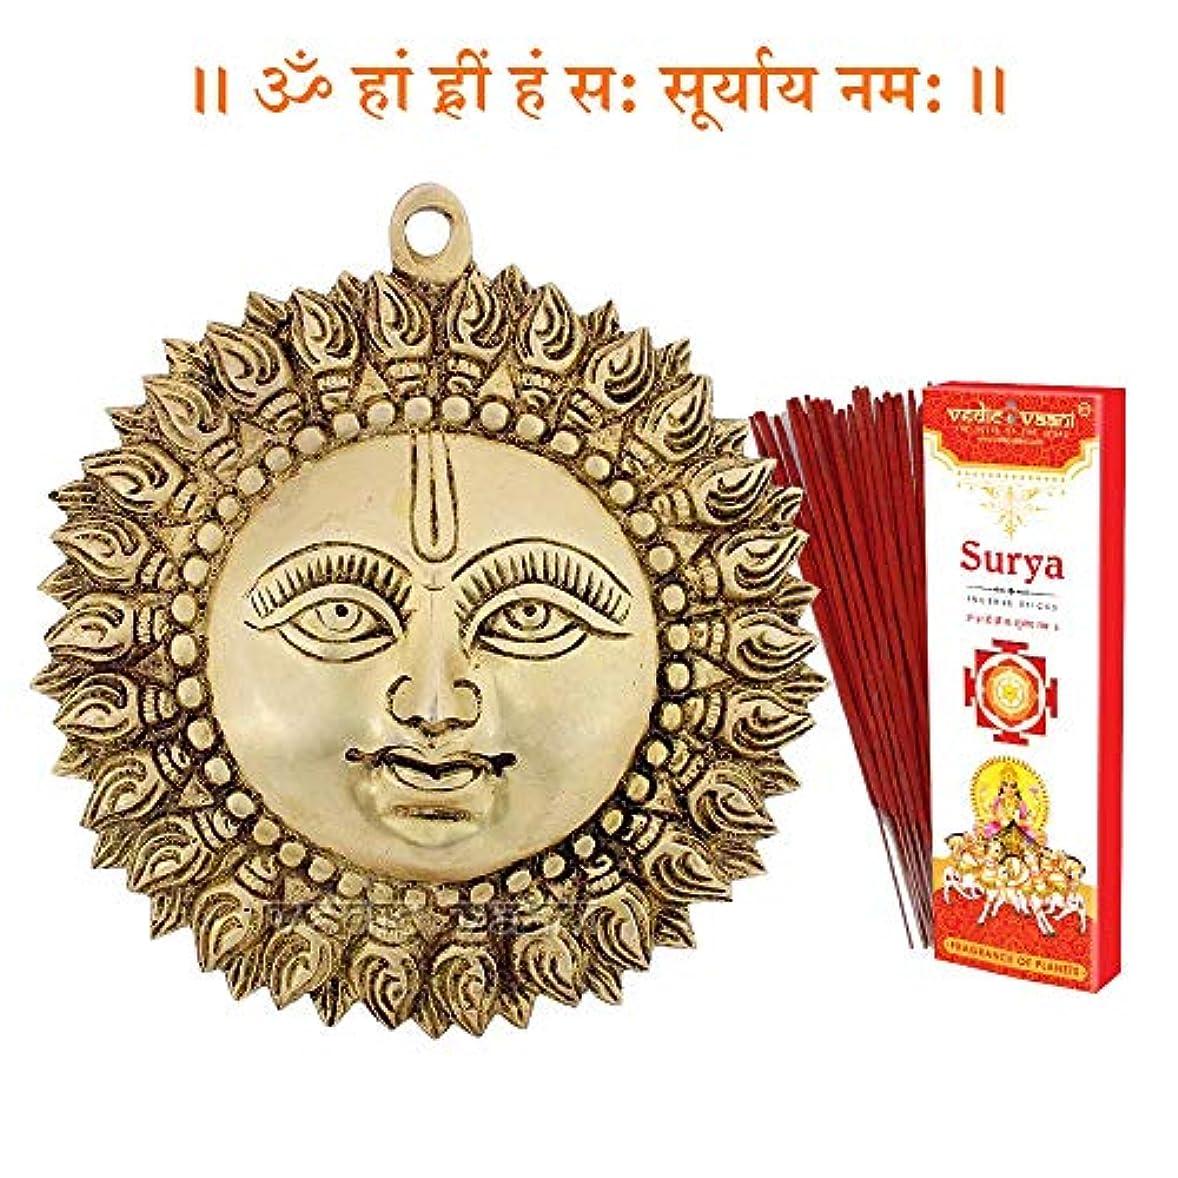 寛容な話をする賃金Vedic Vaani Lord Surya Dev (Sun) 壁掛け Surya お香スティック付き